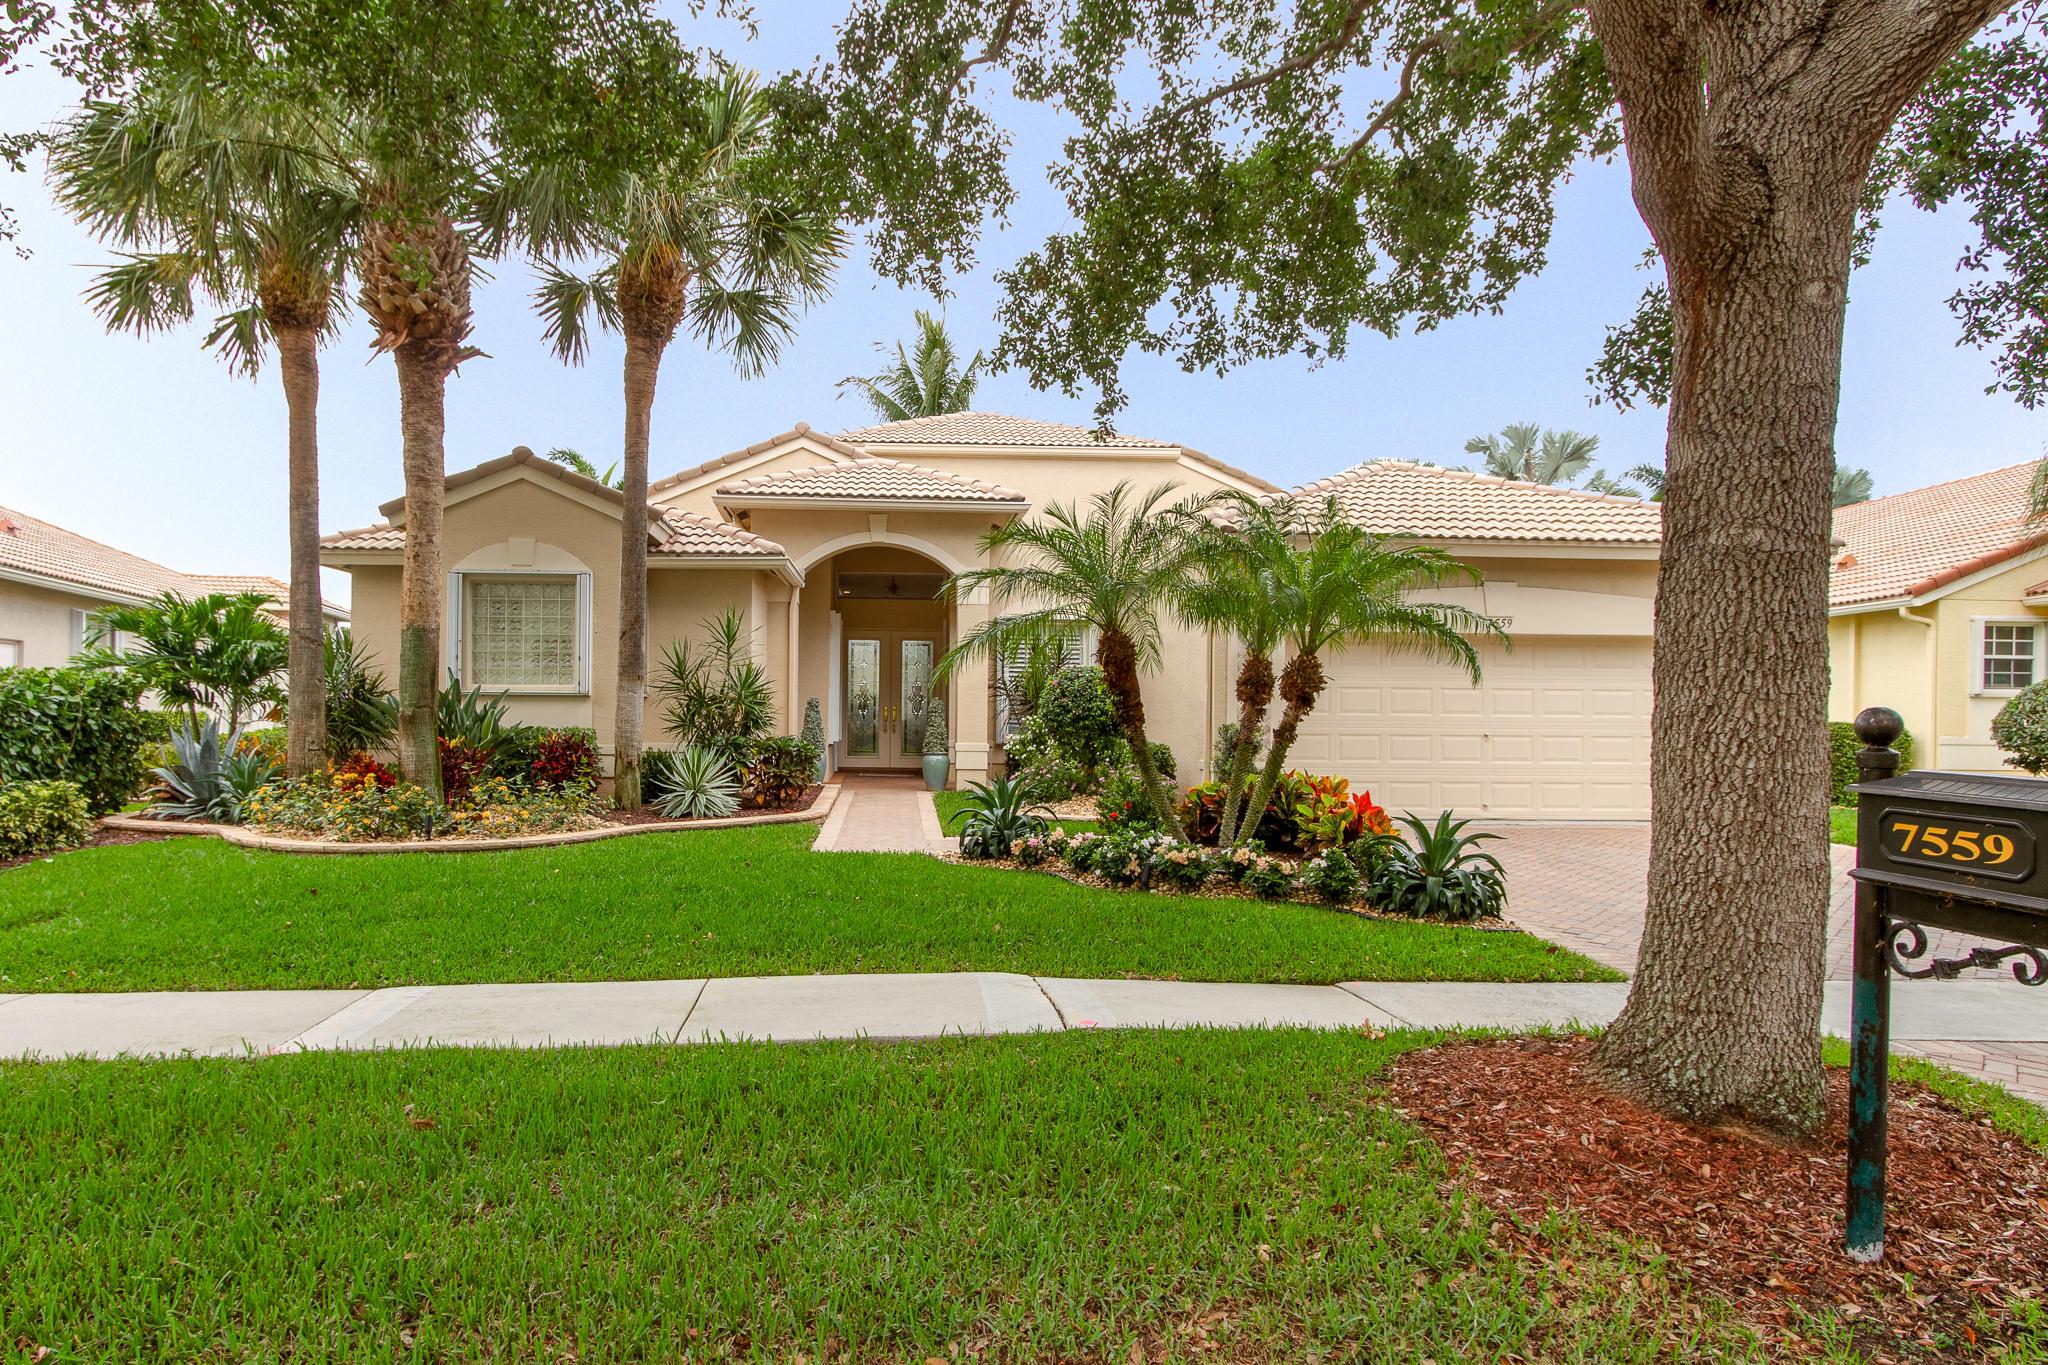 7559 Monticello Way  Boynton Beach, FL 33437